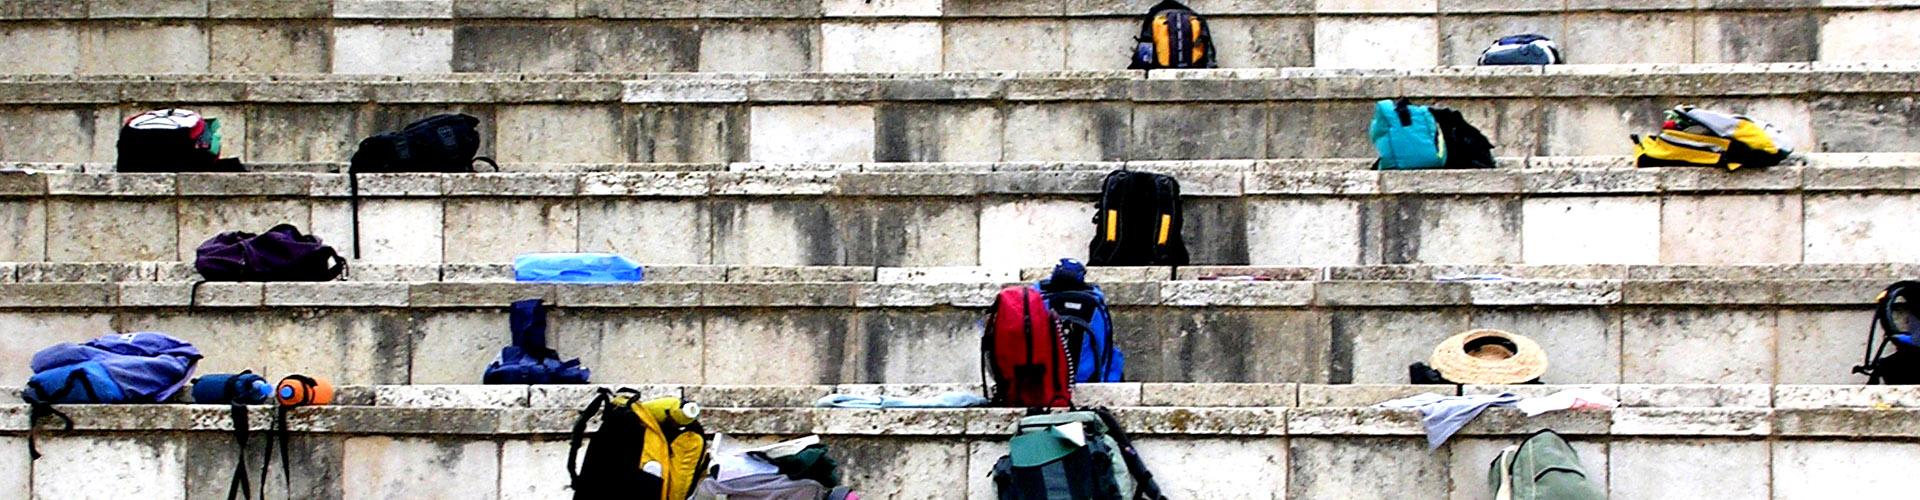 סיורים בירושלים לאורחים